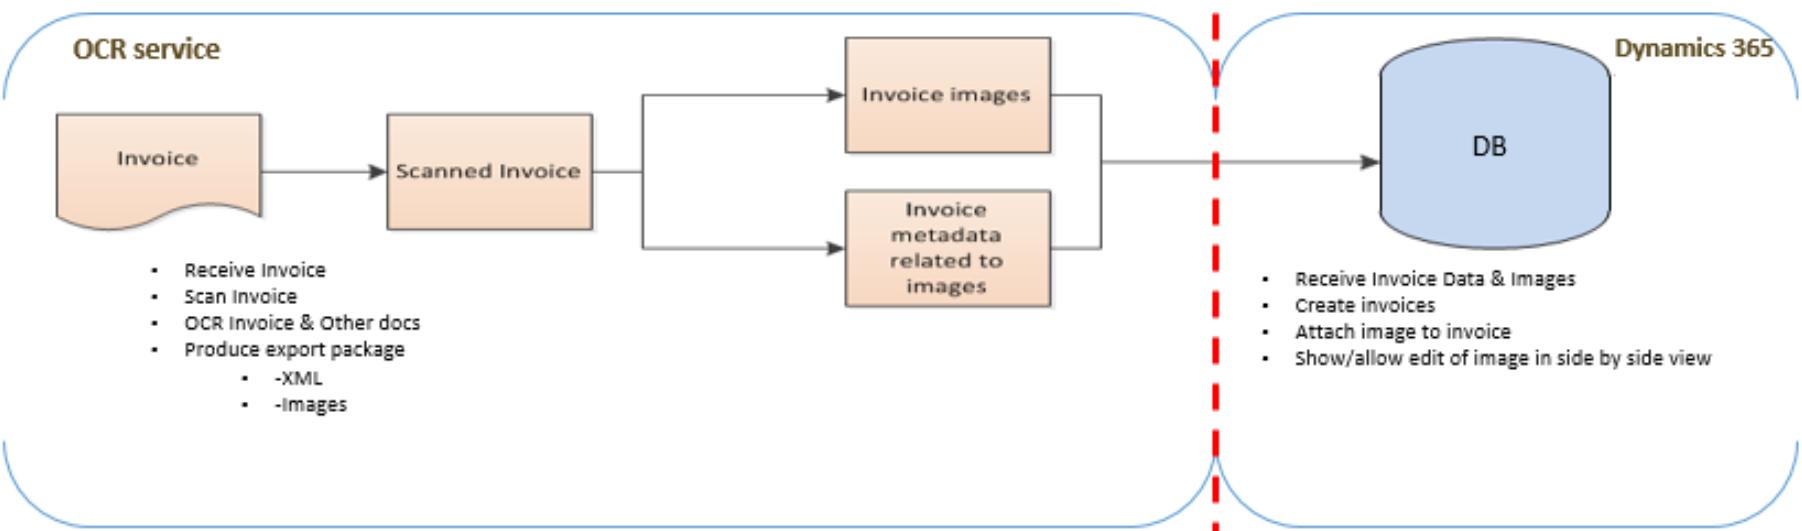 Vendor invoice automation_Pic. 1 – Integration scenario sample